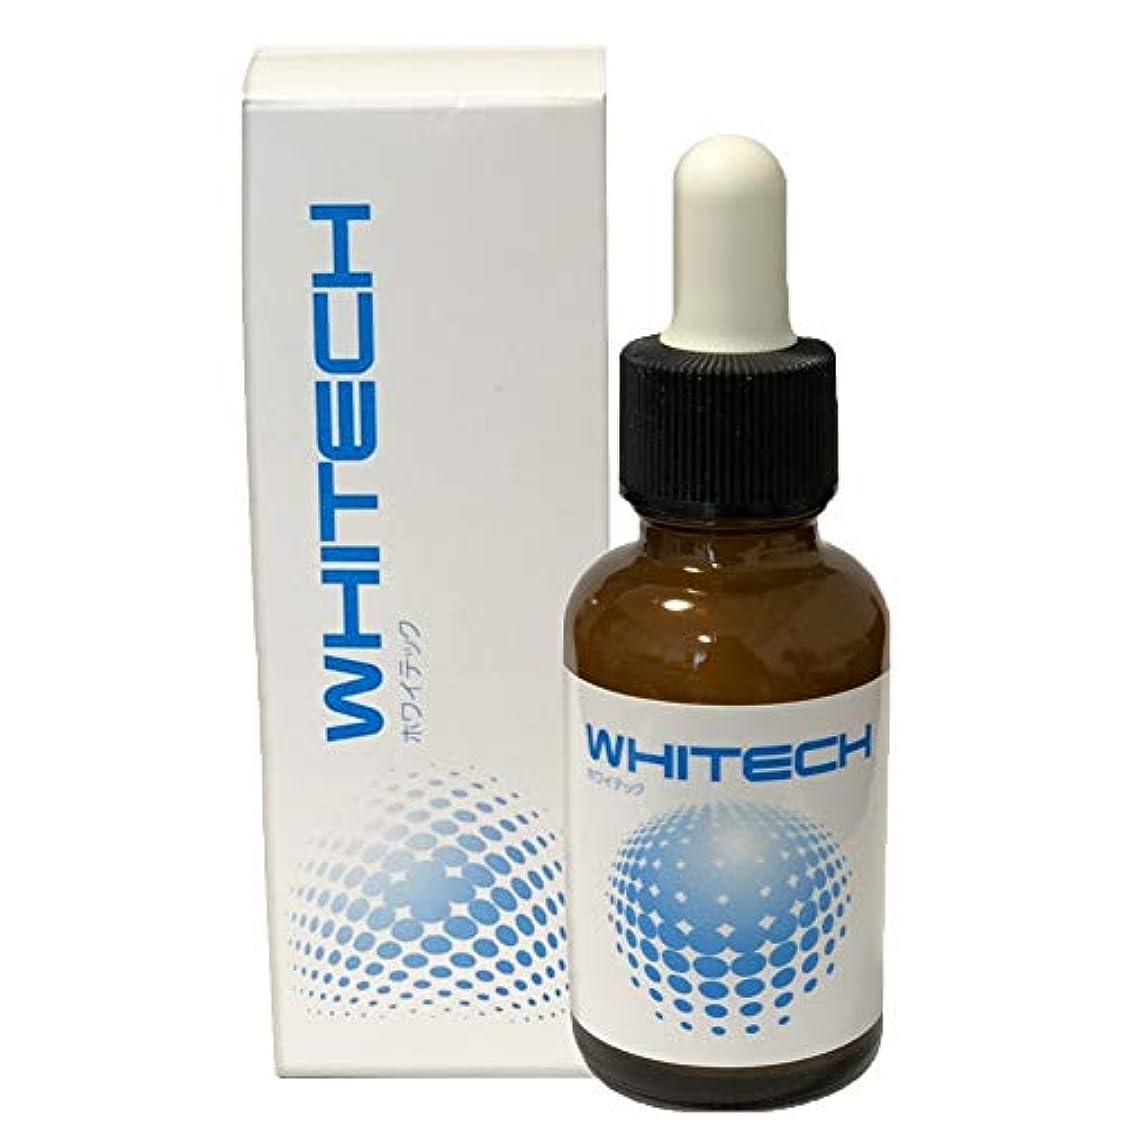 離れてライナー段階【医薬部外品】WHITECH -ホワイテック- 薬用ホワイトニングジェル 歯磨きジェル